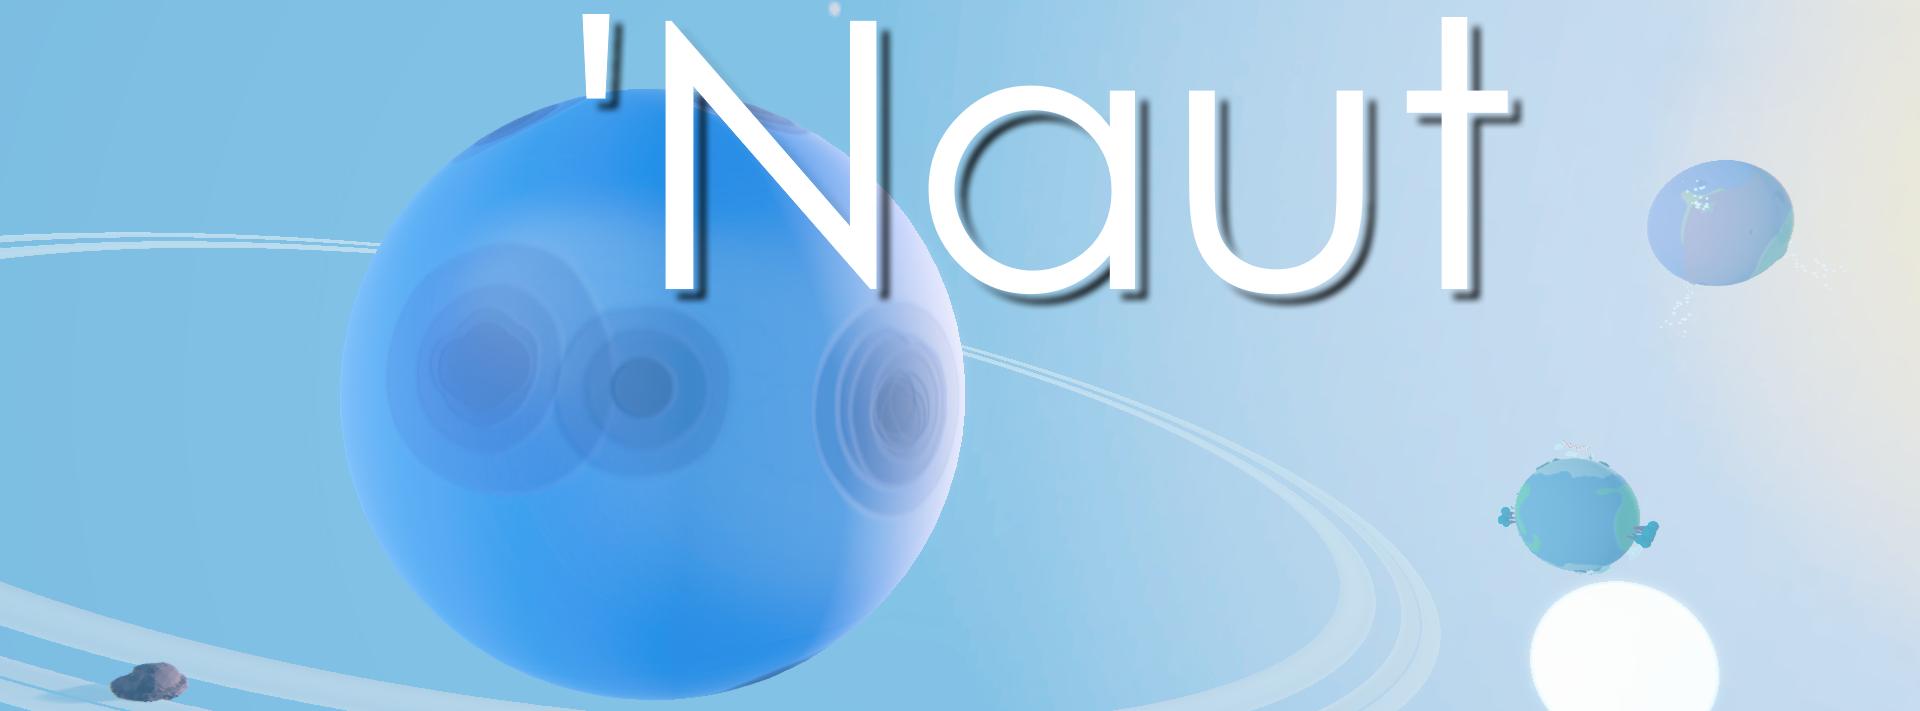 'Naut